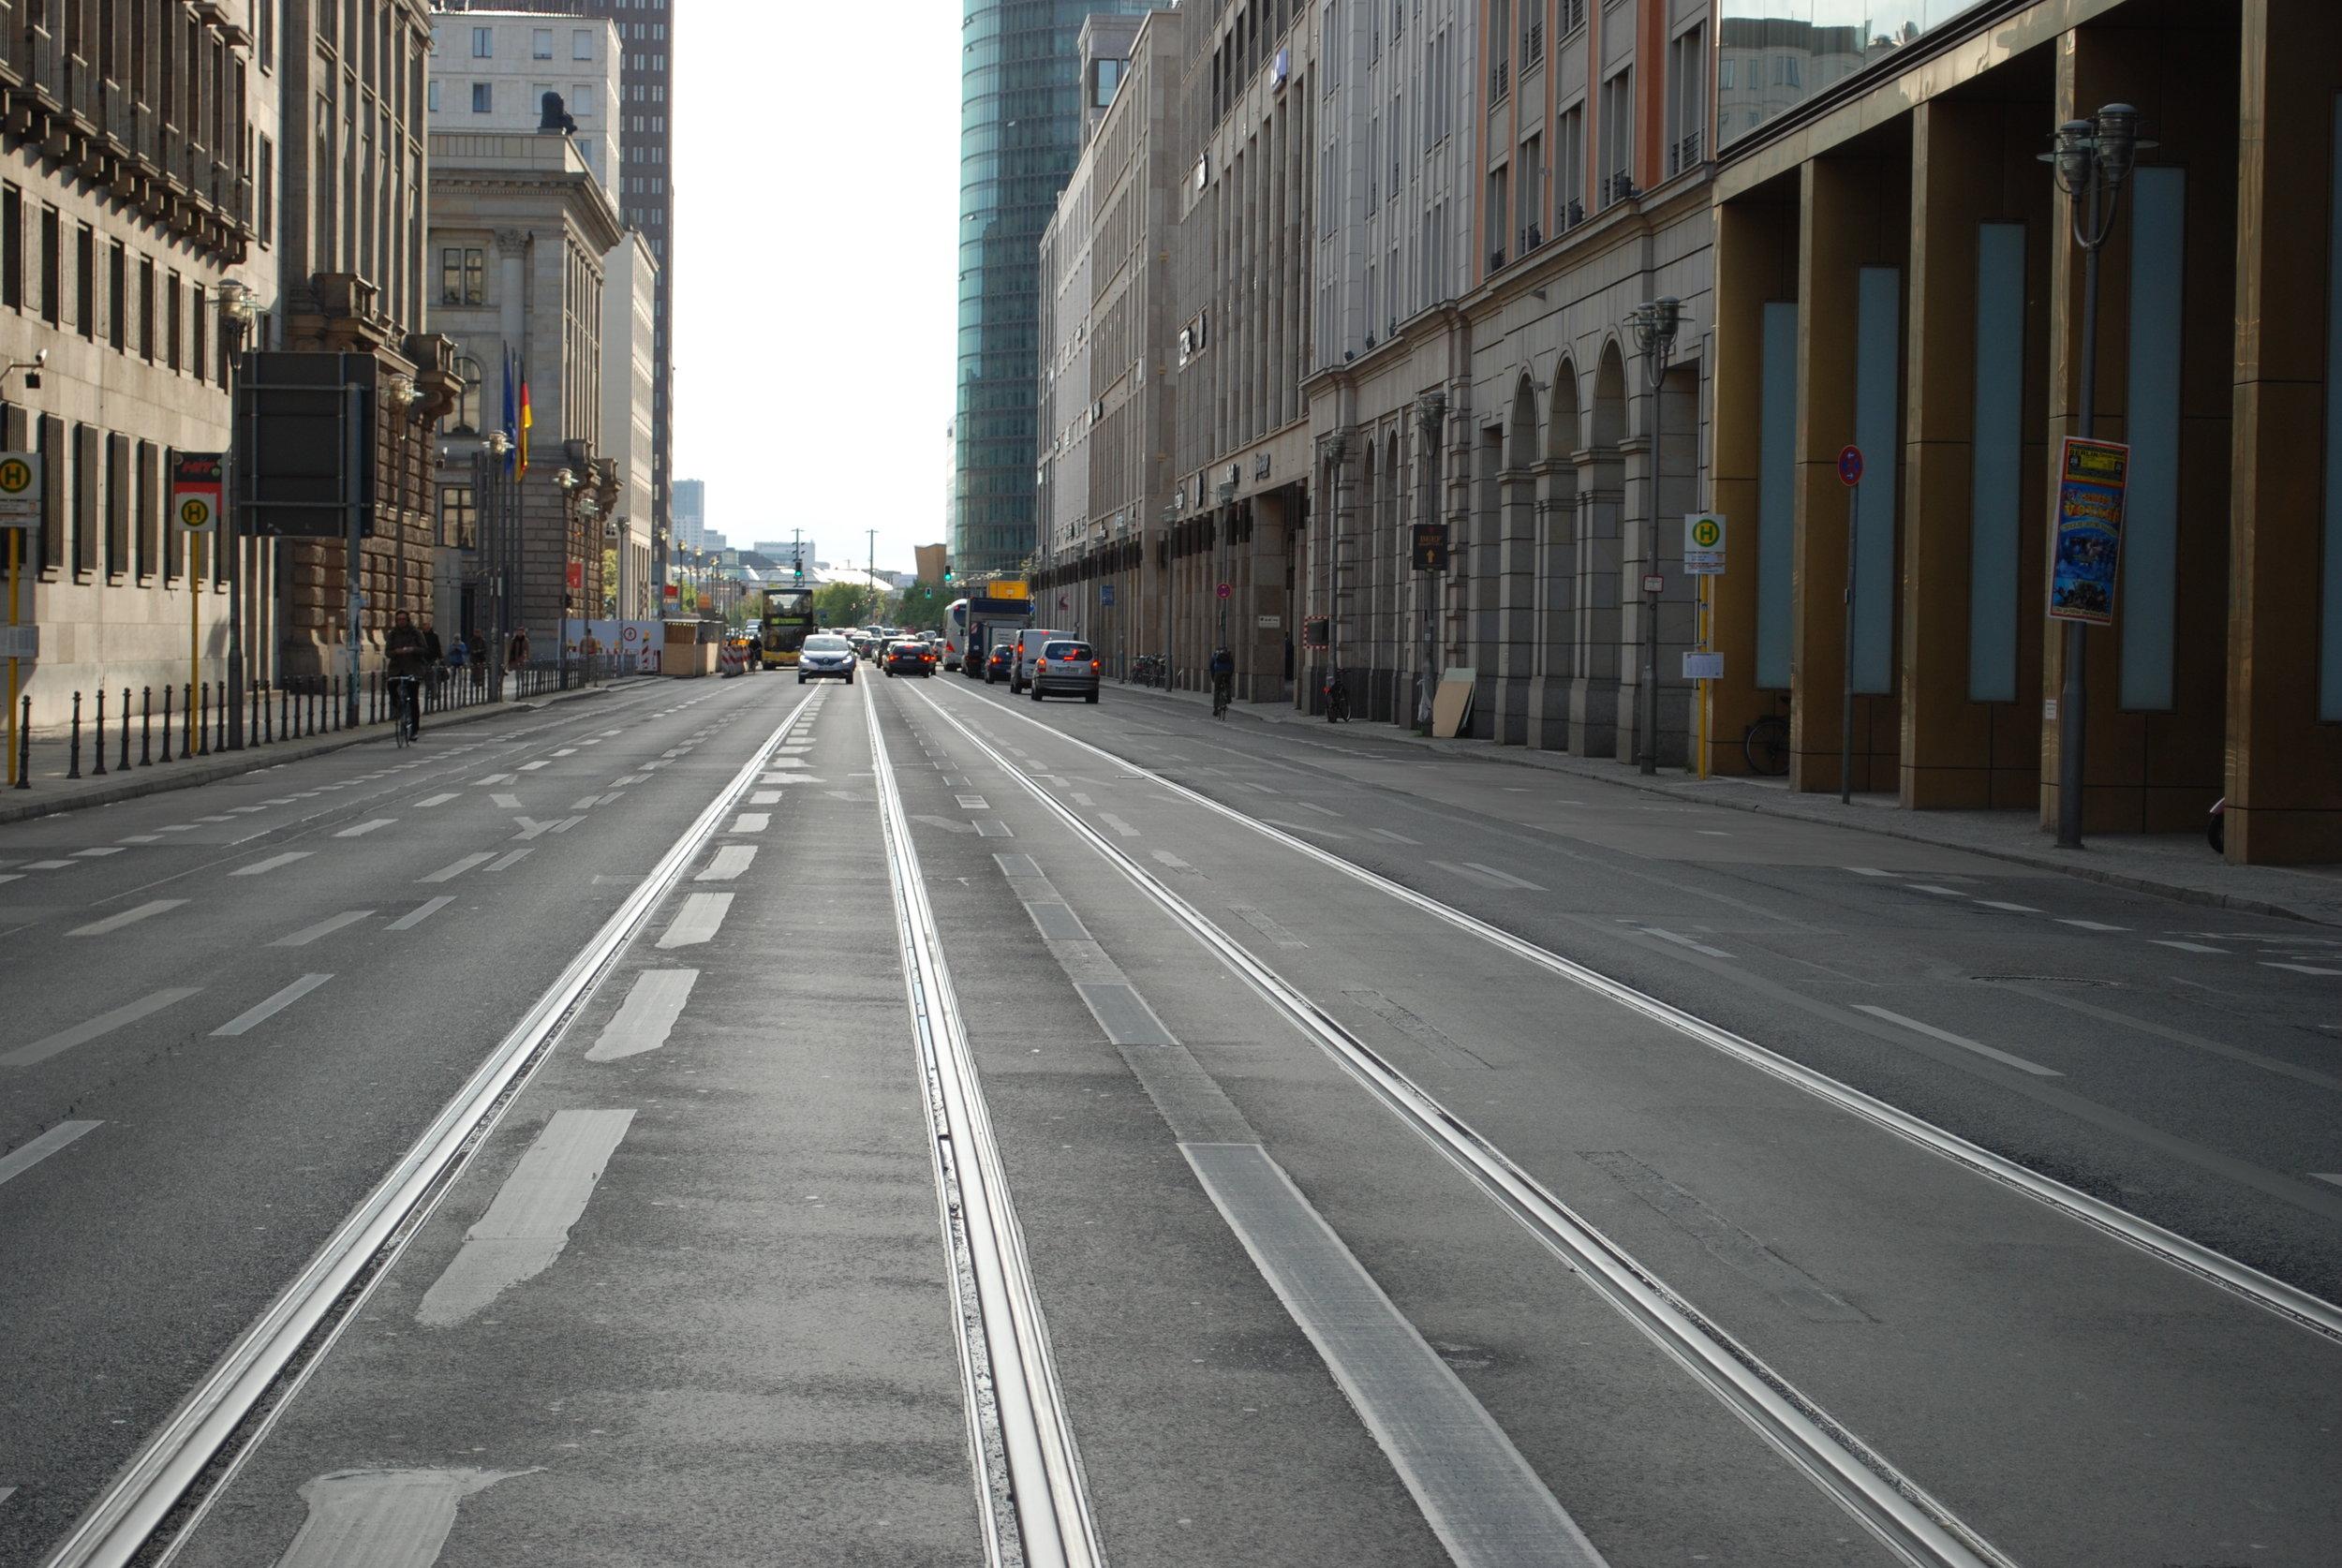 V roce 2000 byly položeny koleje na ulici Leipziger Straße. Směřovat měly do části Tiergarten a v opačném směru k Alexanderplatzu. Doposud po nich žádná tramvaj nejela. (foto: Libor Hinčica)